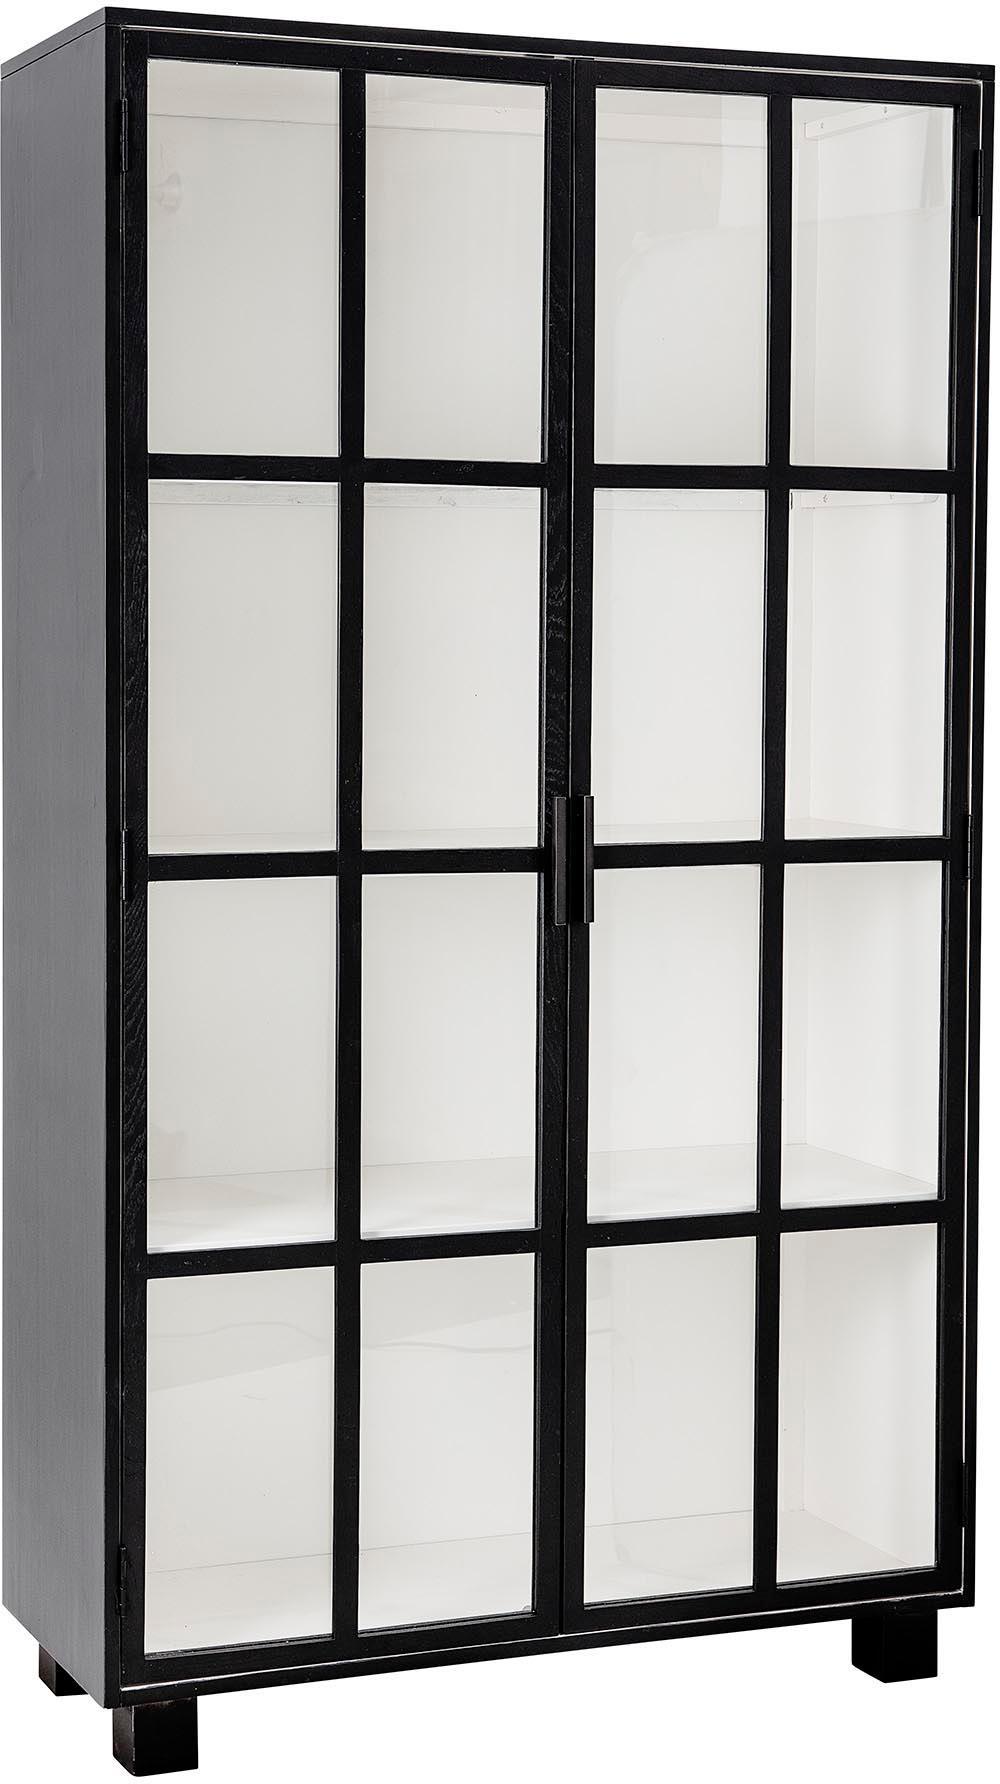 Vitrinenschrank Isbel mit Glastüren, Korpus: Mitteldichte Holzfaserpla, Schwarz, Weiß, 114 x 200 cm